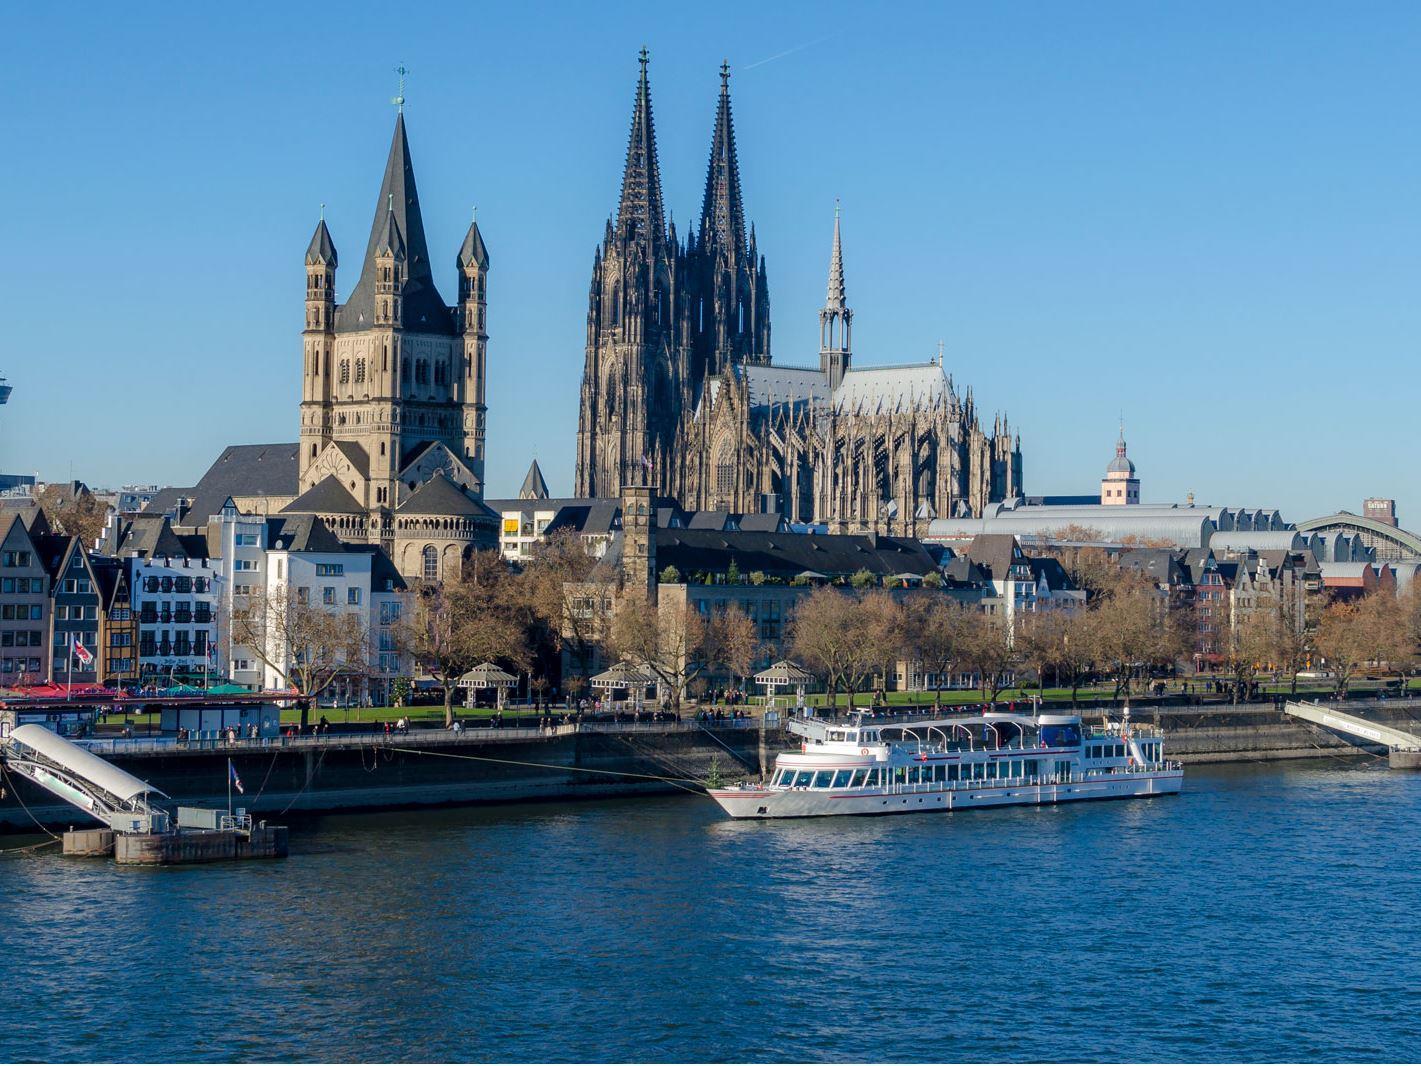 Kurban Bayramı Benelüx & Romantik Almanya & Fransa Turu Perşembe Gidiş AMS-AMS 25, 29 Temmuz 2020